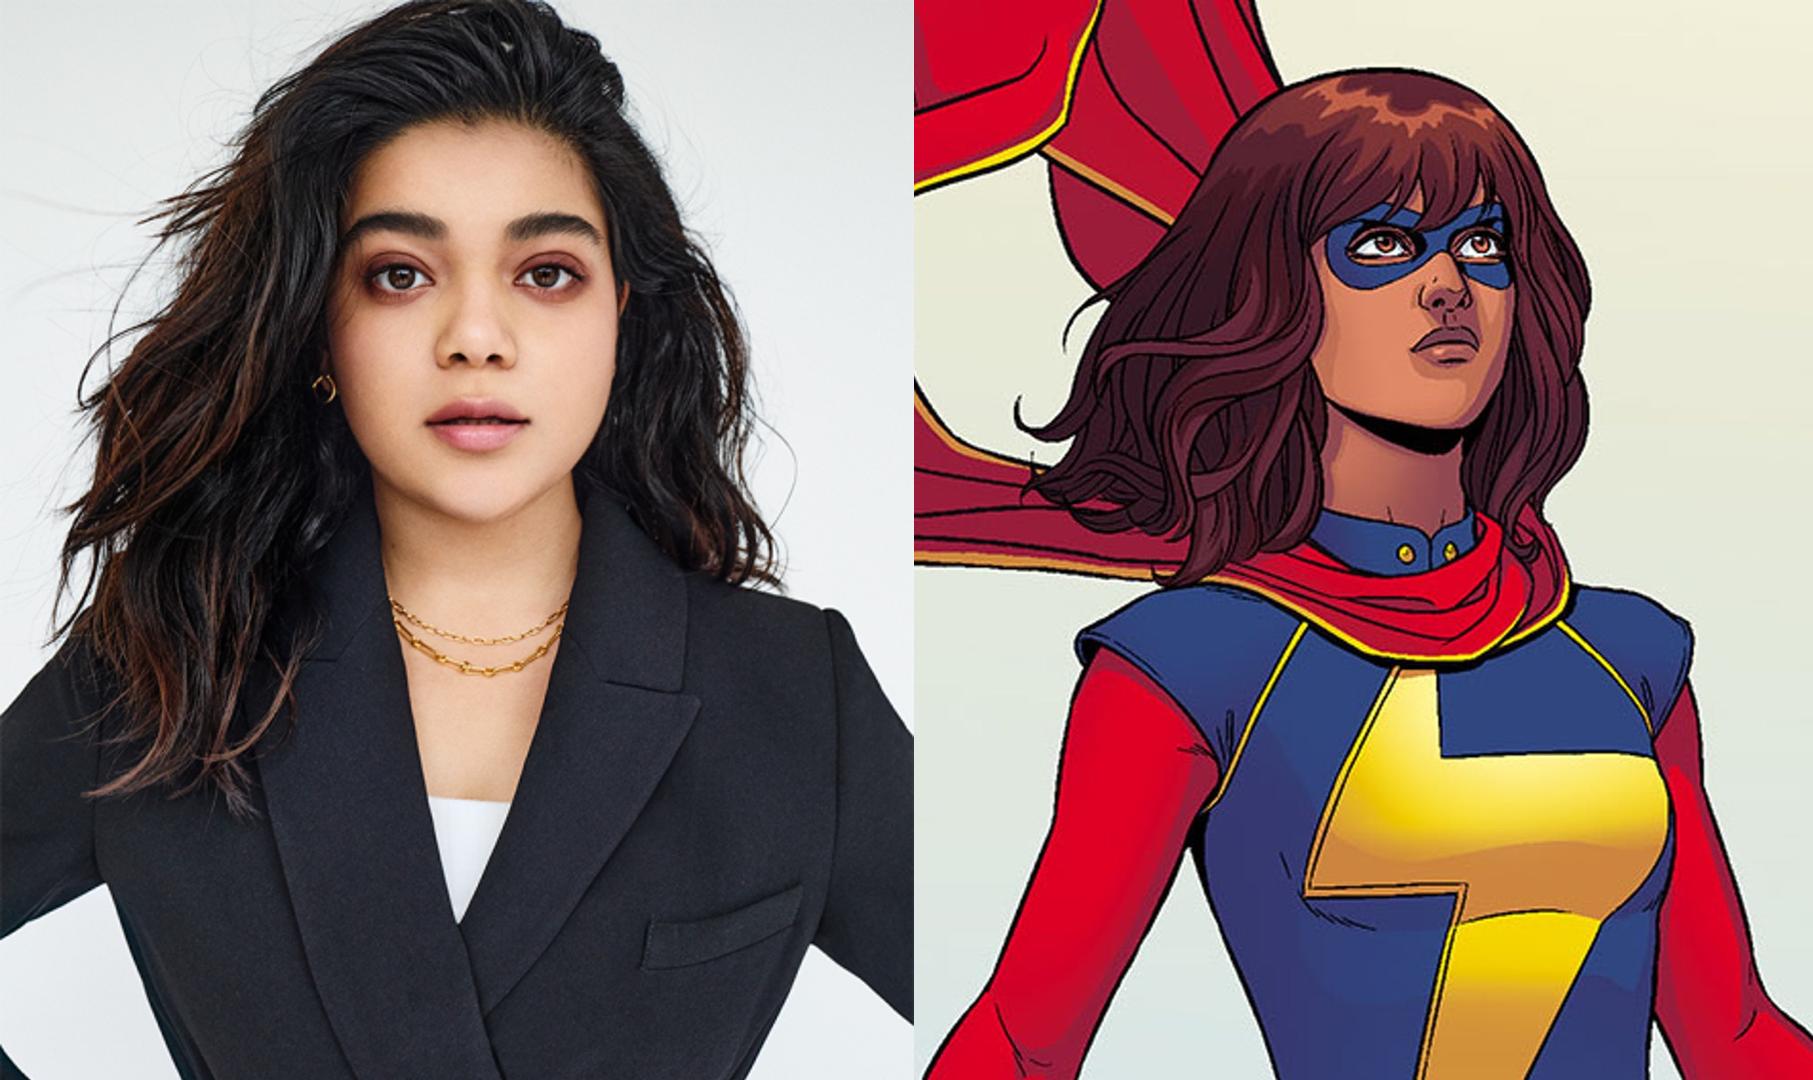 Iman Vellani cree que es inspirador verla como Ms. Marvel en el MCU